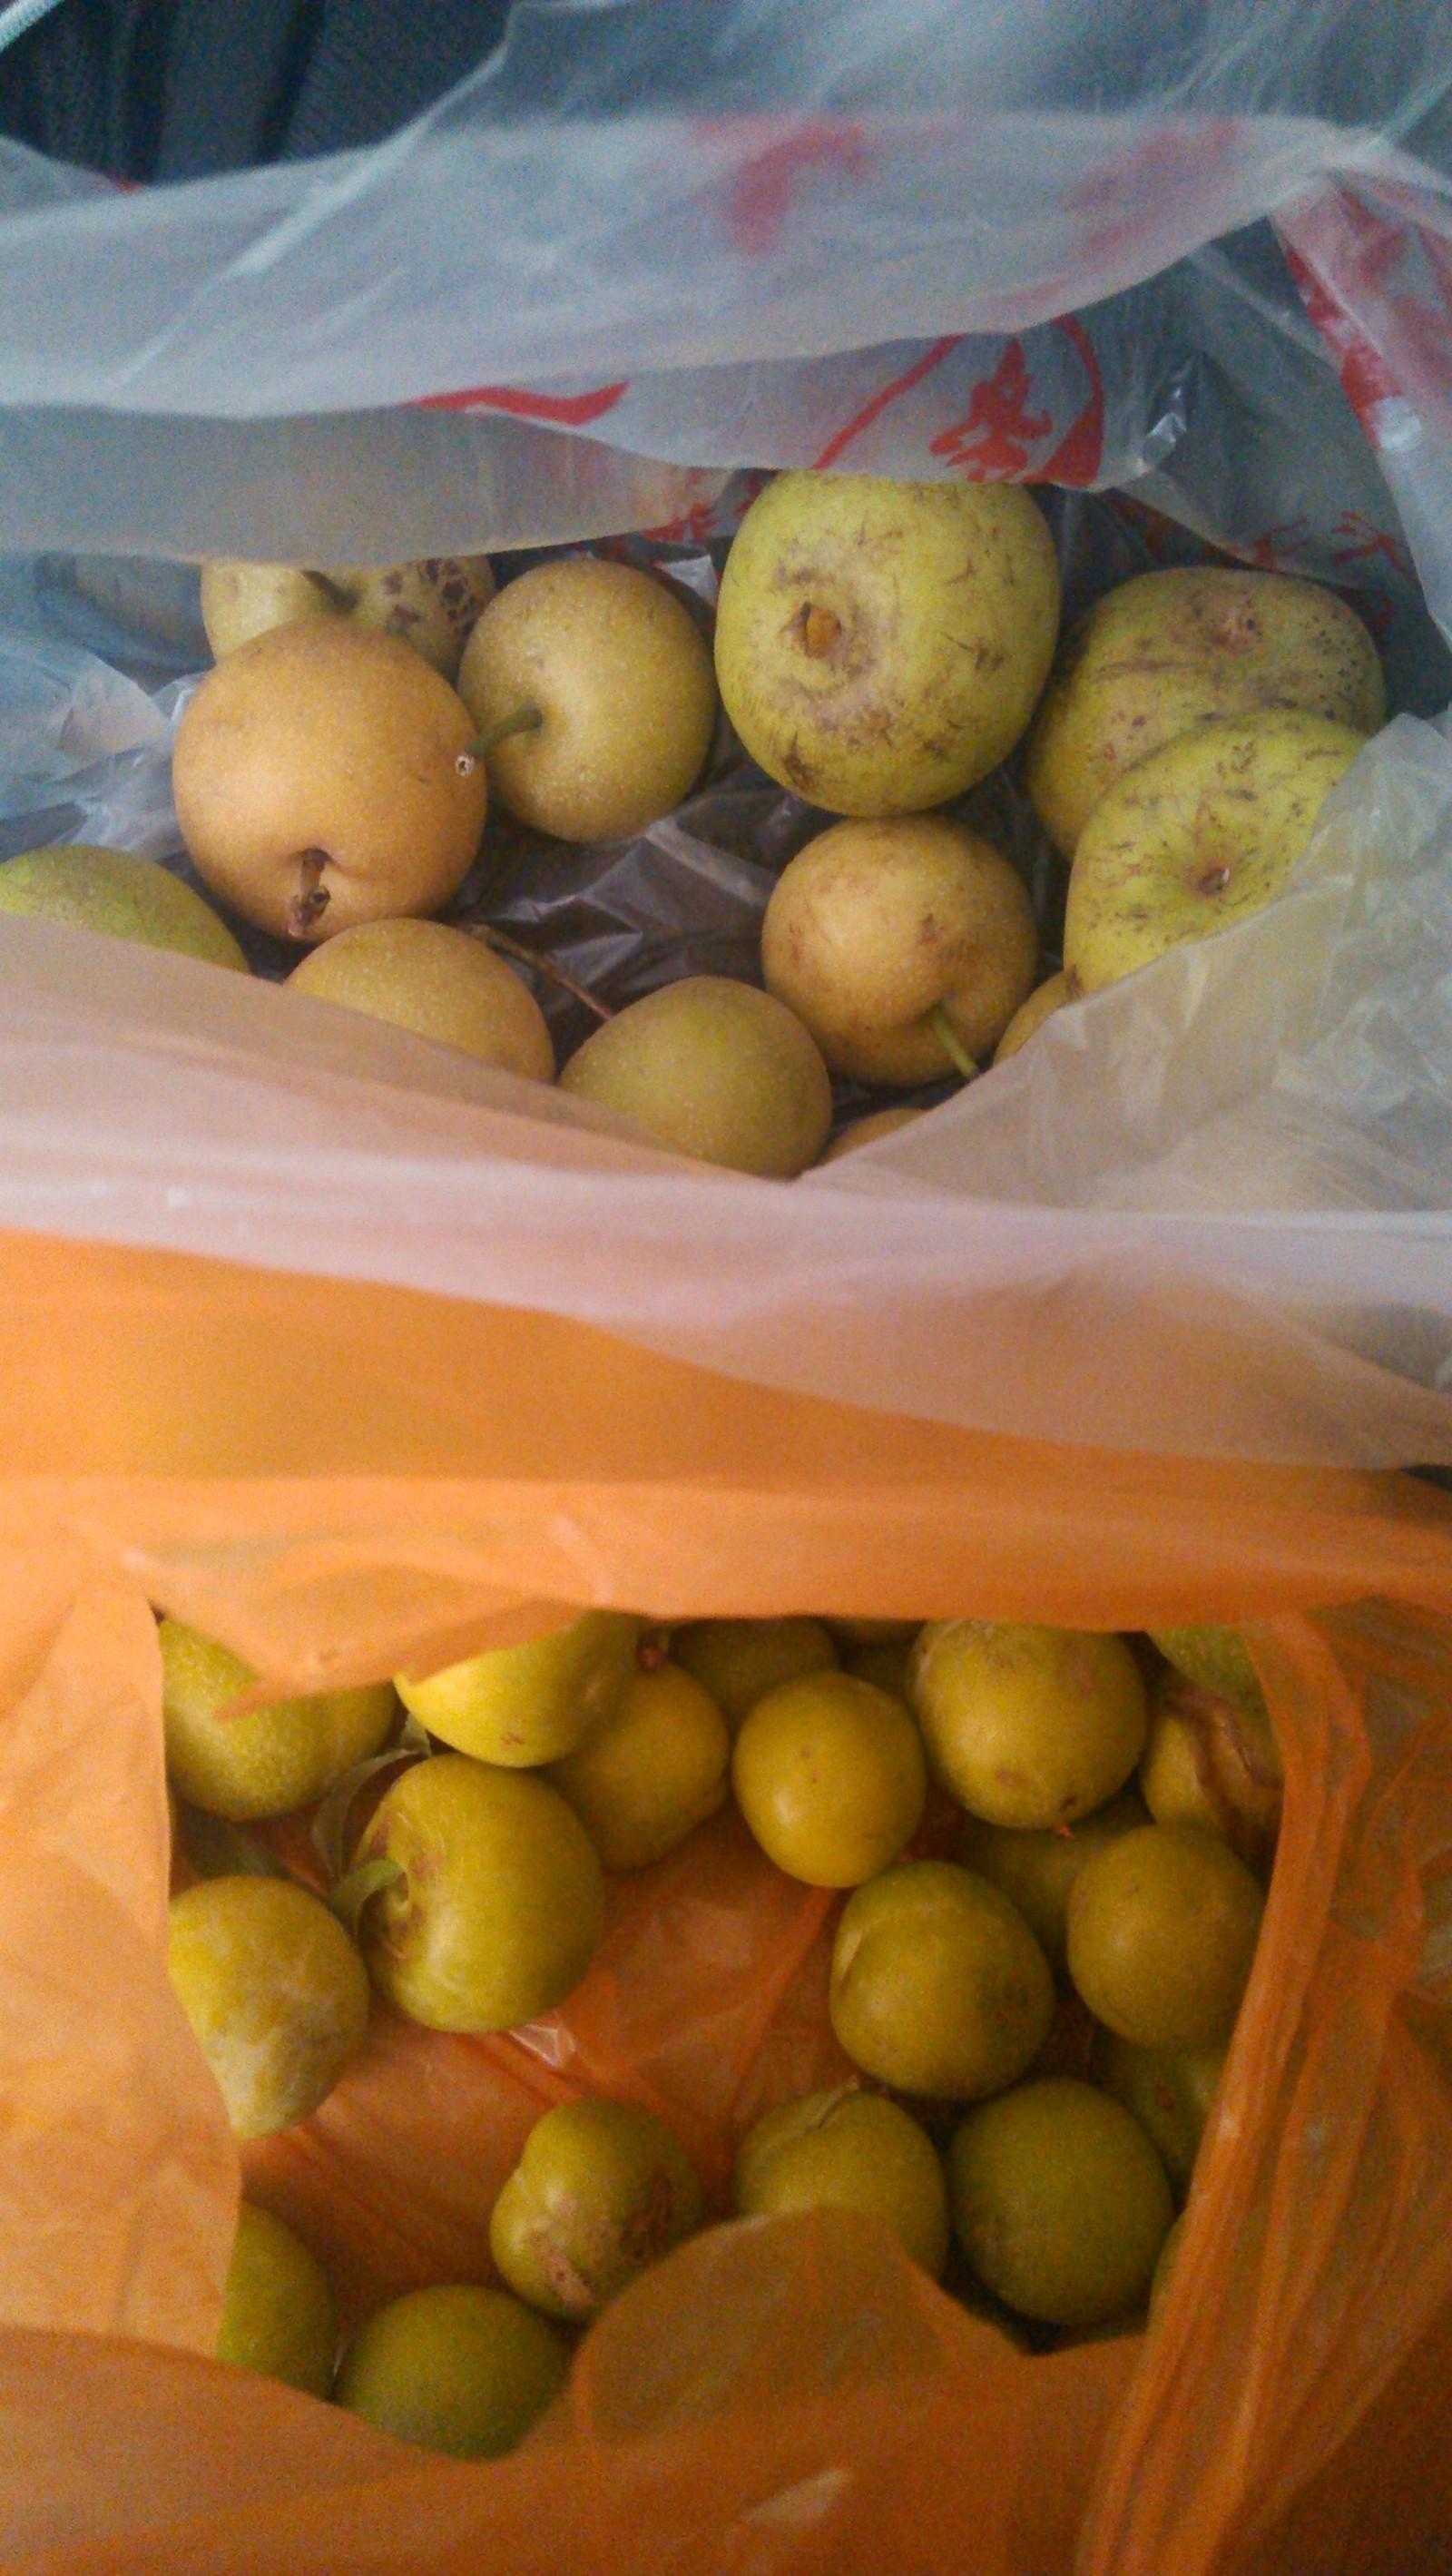 有人卖梨子,便宜卖,但是不太好吃…